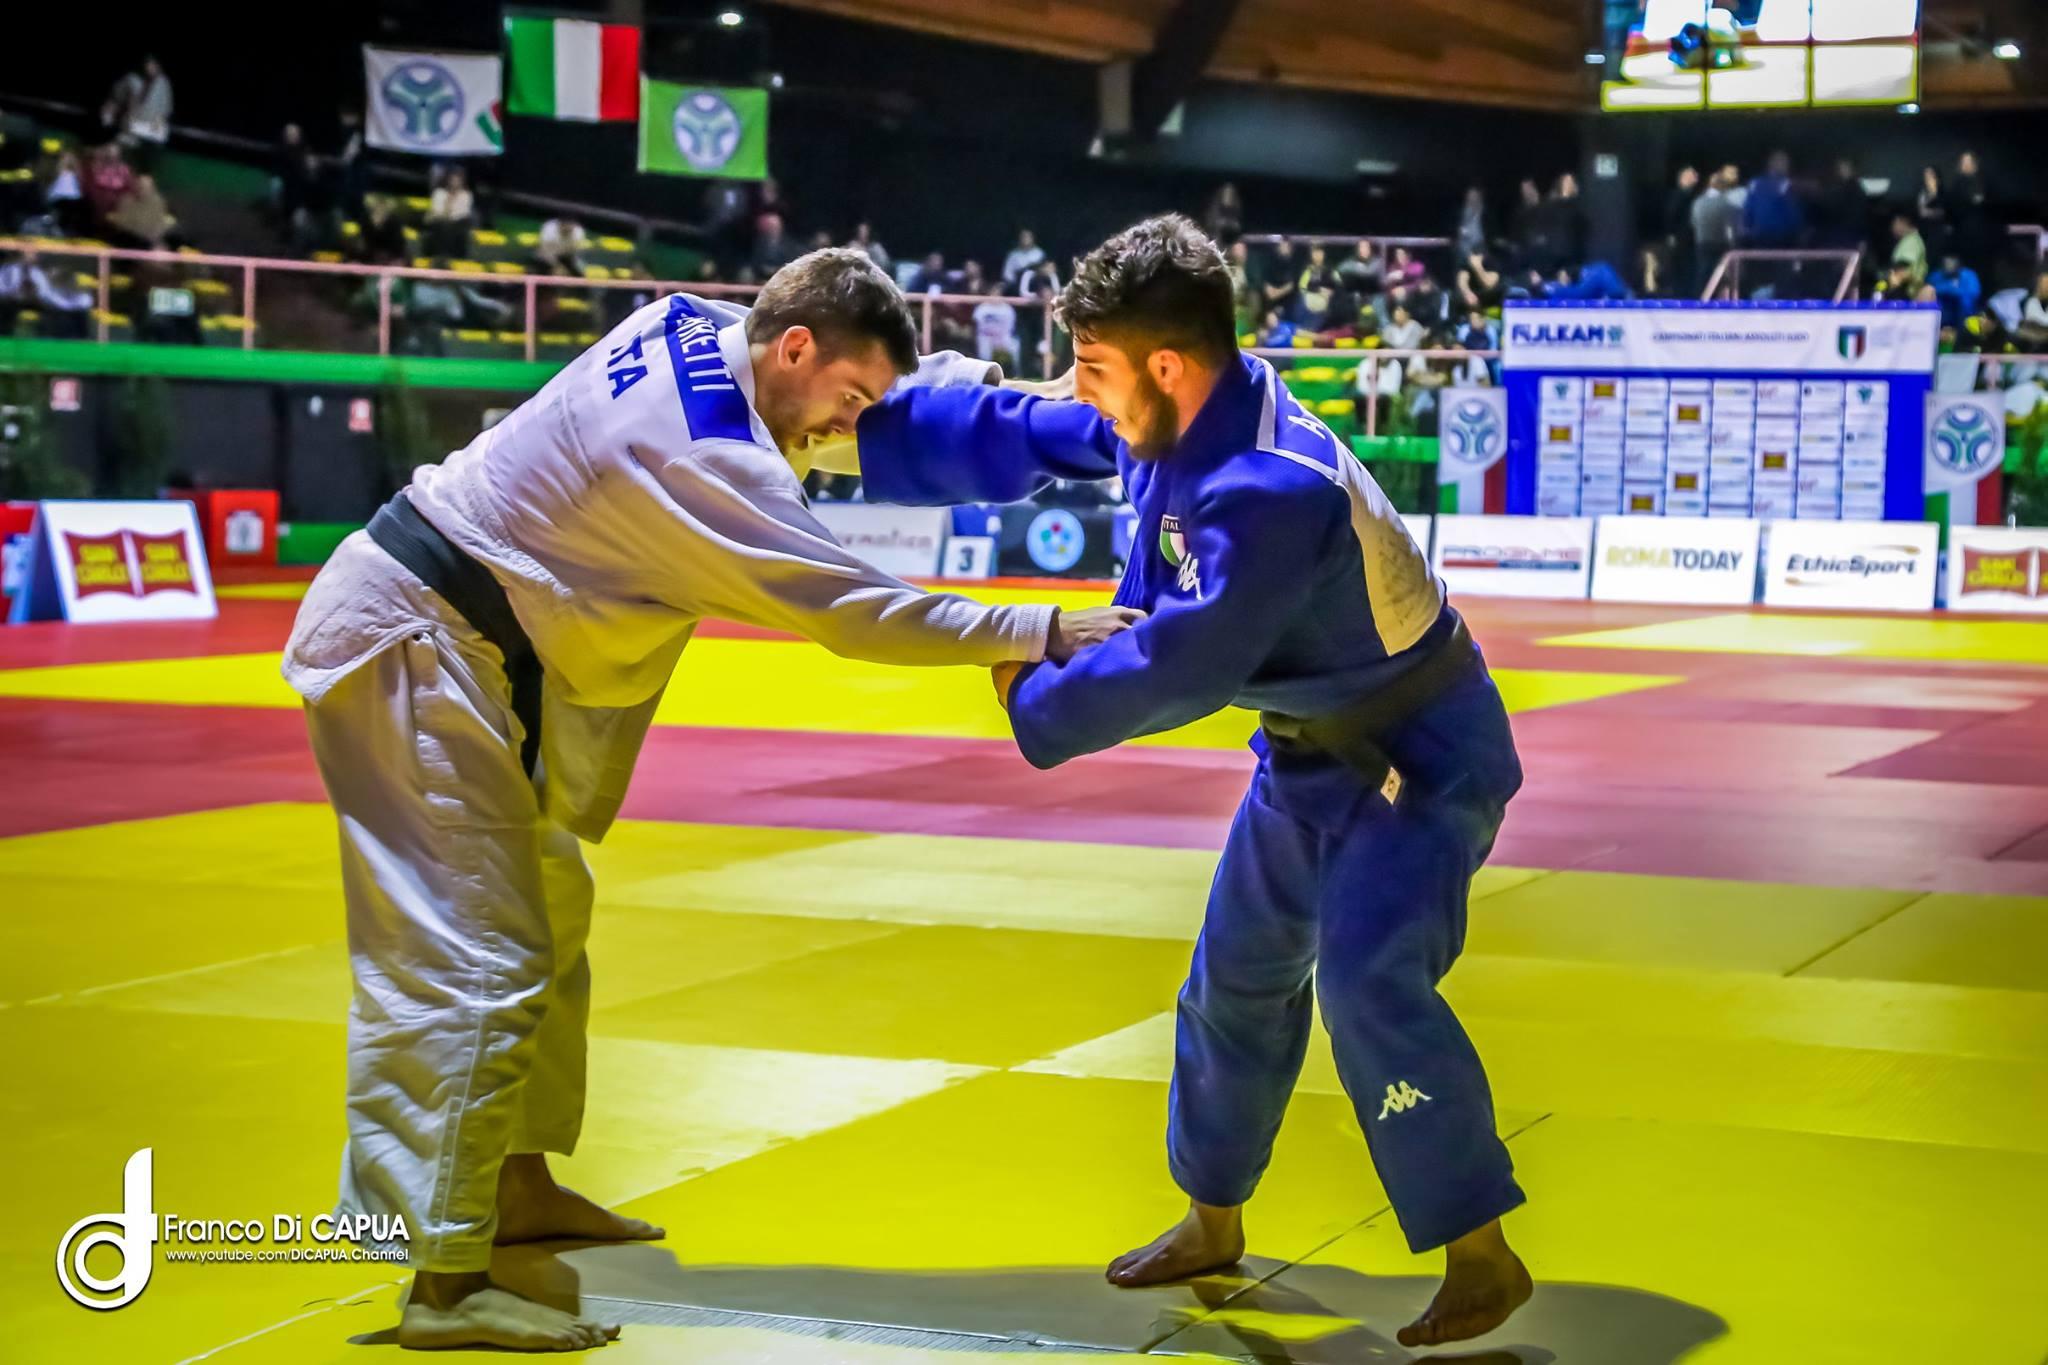 Fijlkam toscana settore judo federazione italiana judo - Judo bagno a ripoli ...